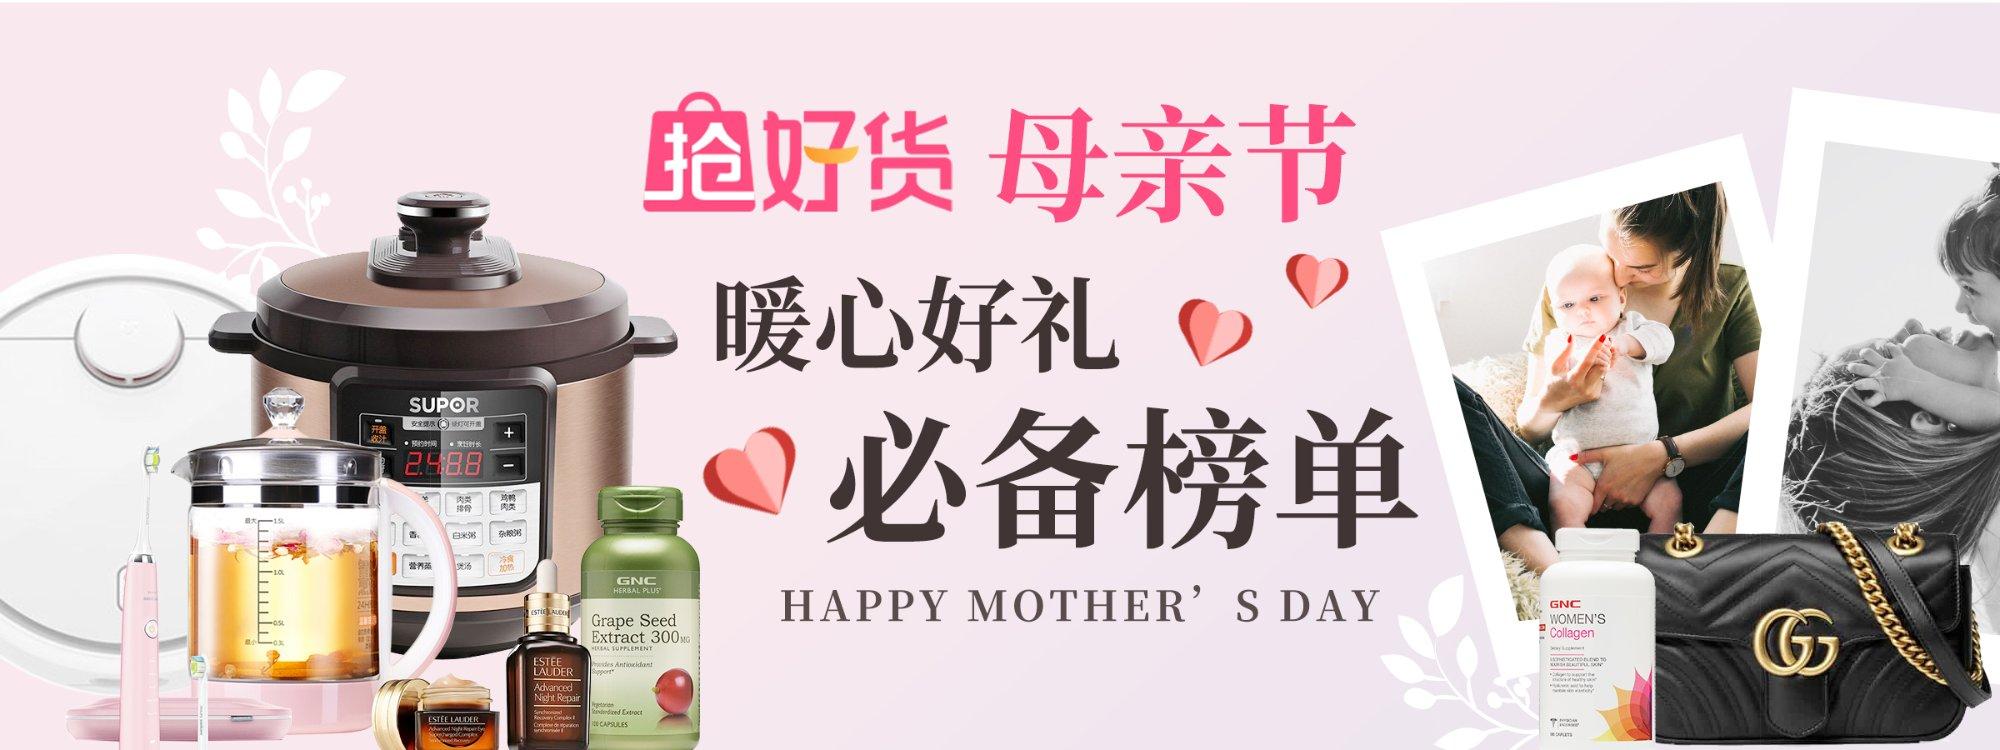 母亲节暖心好礼必备榜单!